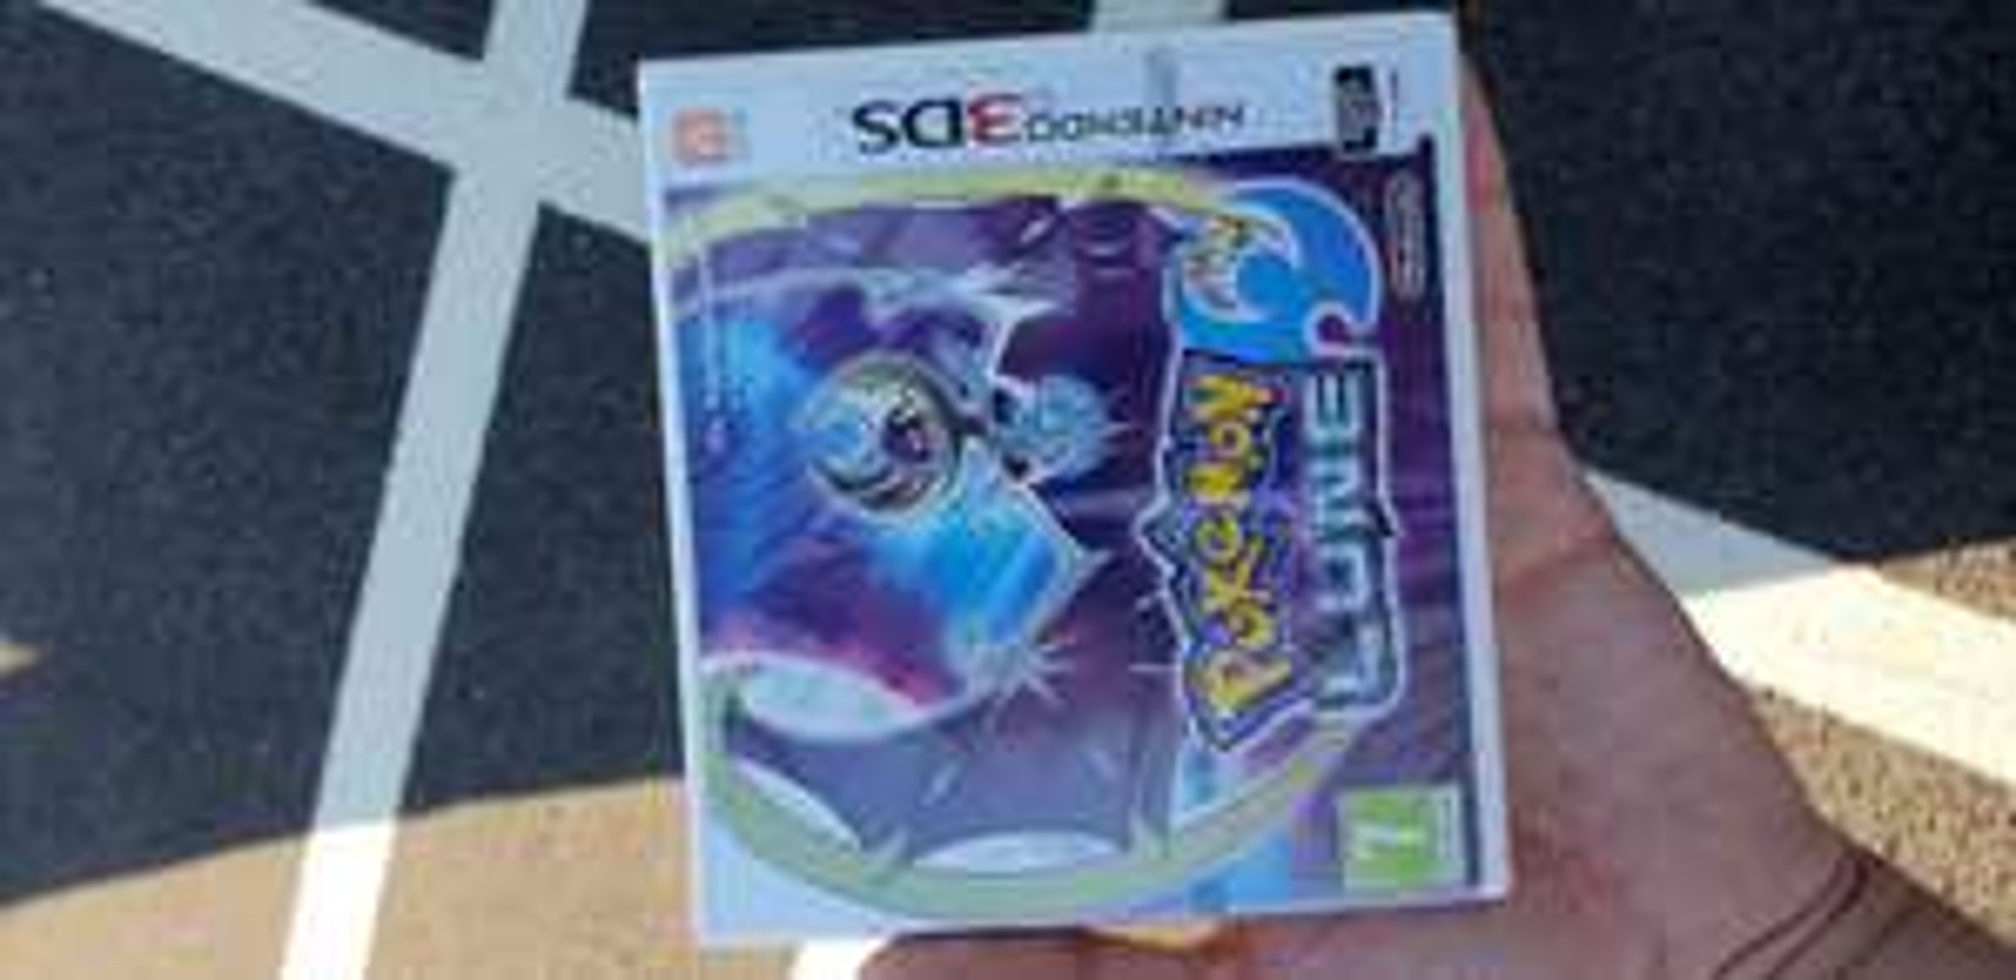 Pokémon Lune sur Nintendo 3DS - Cora Val D'Yerres Boussy-Saint-Antoine (91)